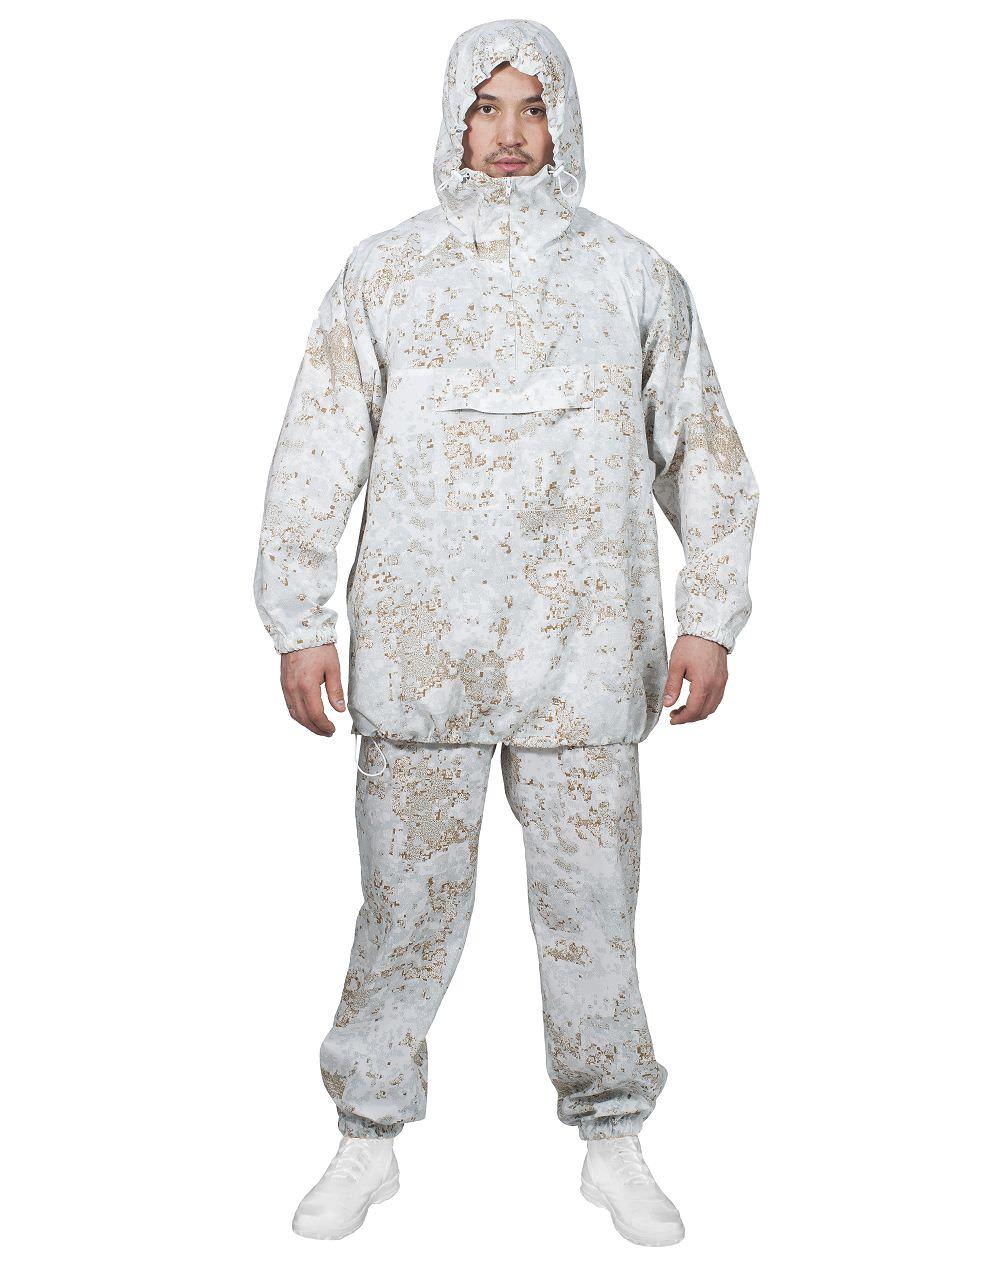 Костюм маскировочный МПА-43 pencott снег